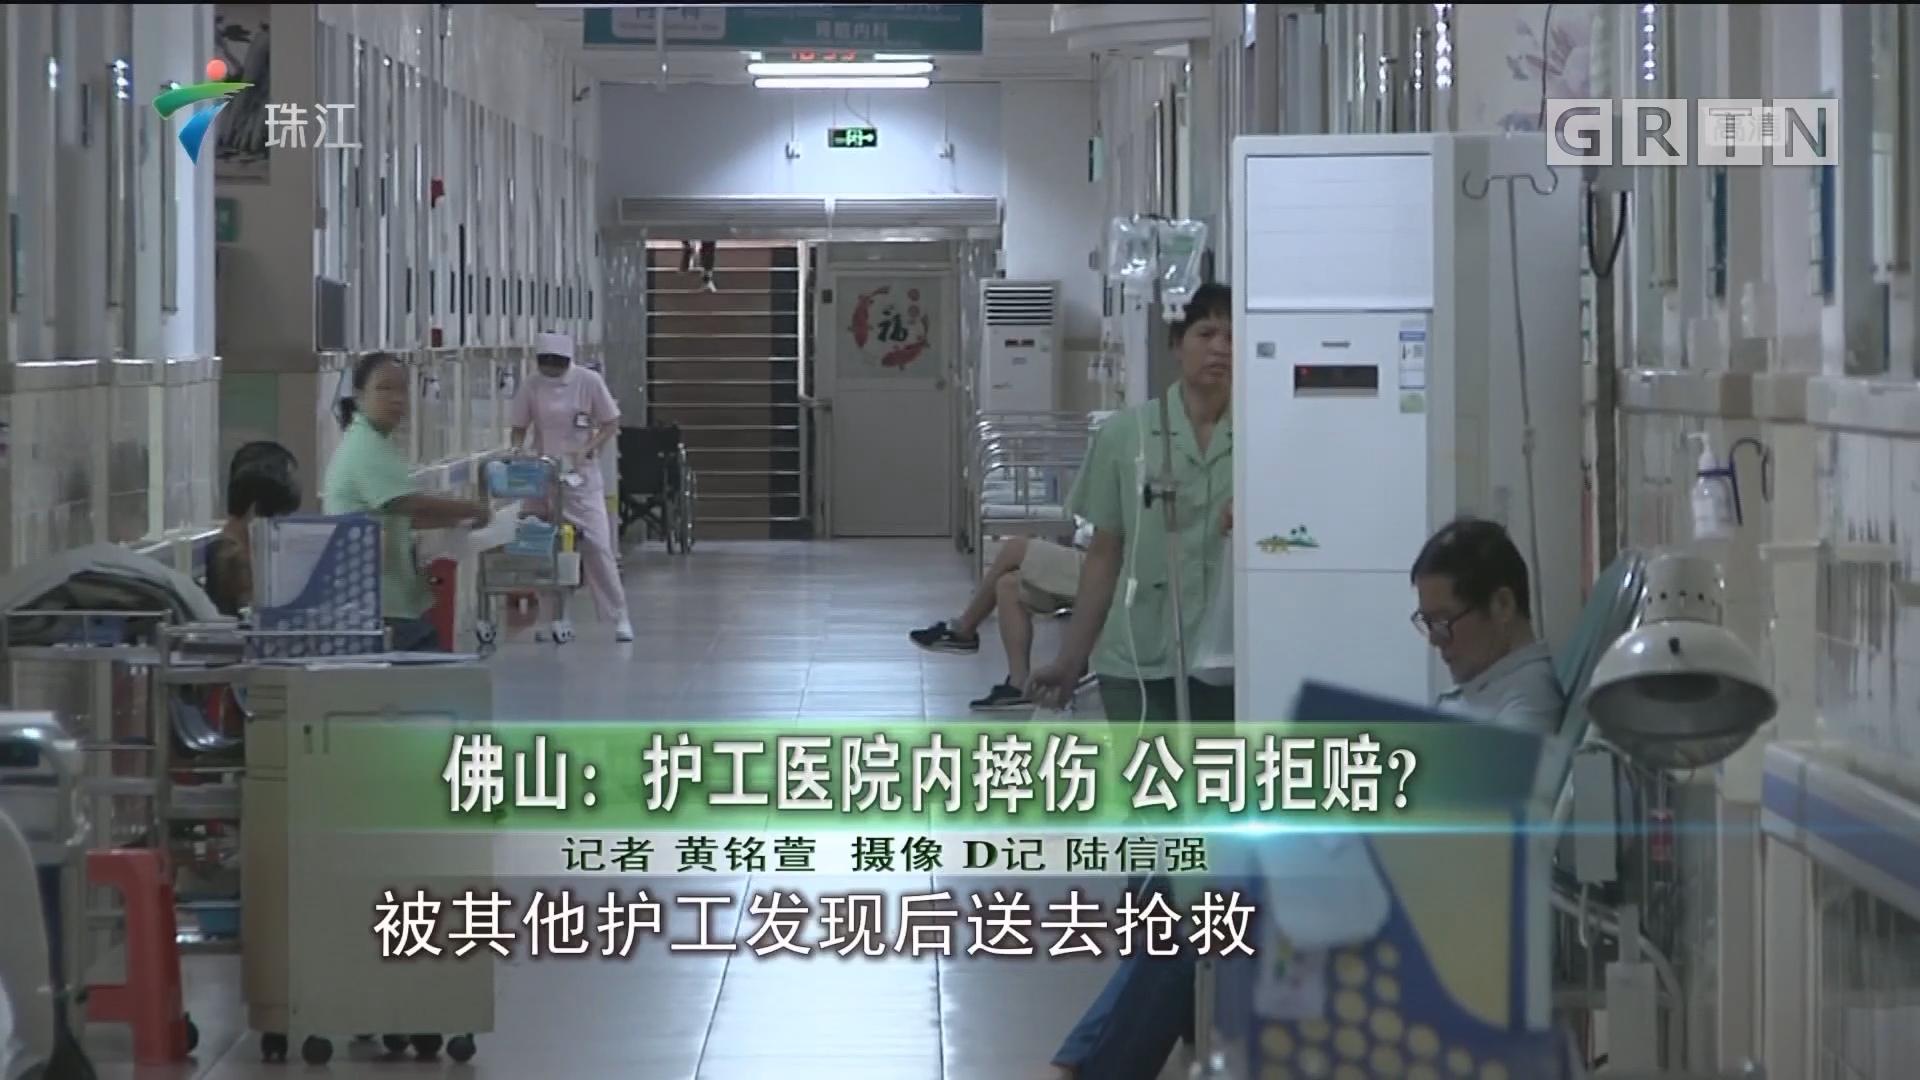 佛山:护工医院内摔伤 公司拒赔?